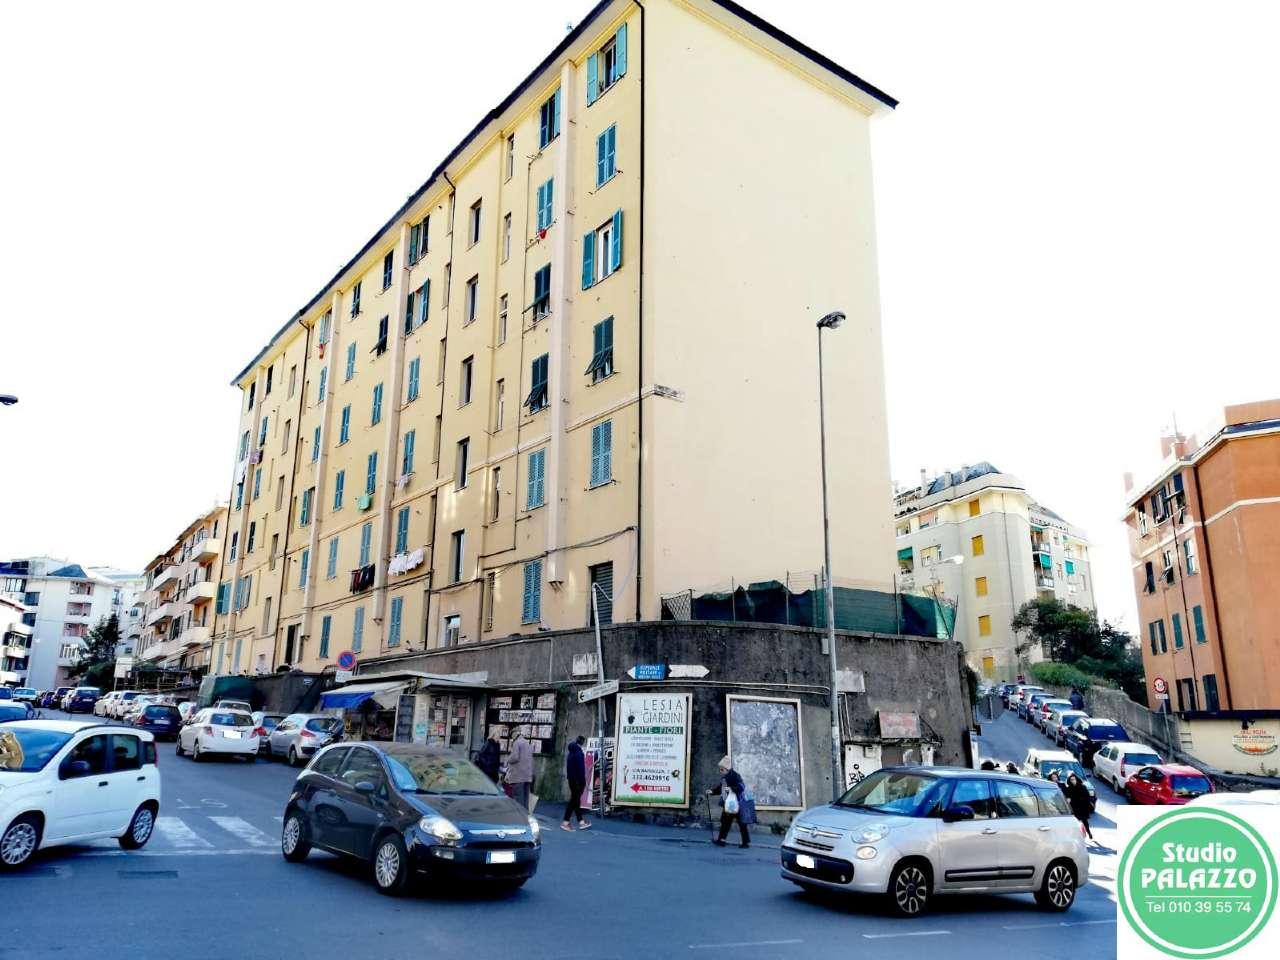 Foto 1 di Quadrilocale via bainsizza, Genova (zona Boccadasse-Sturla)